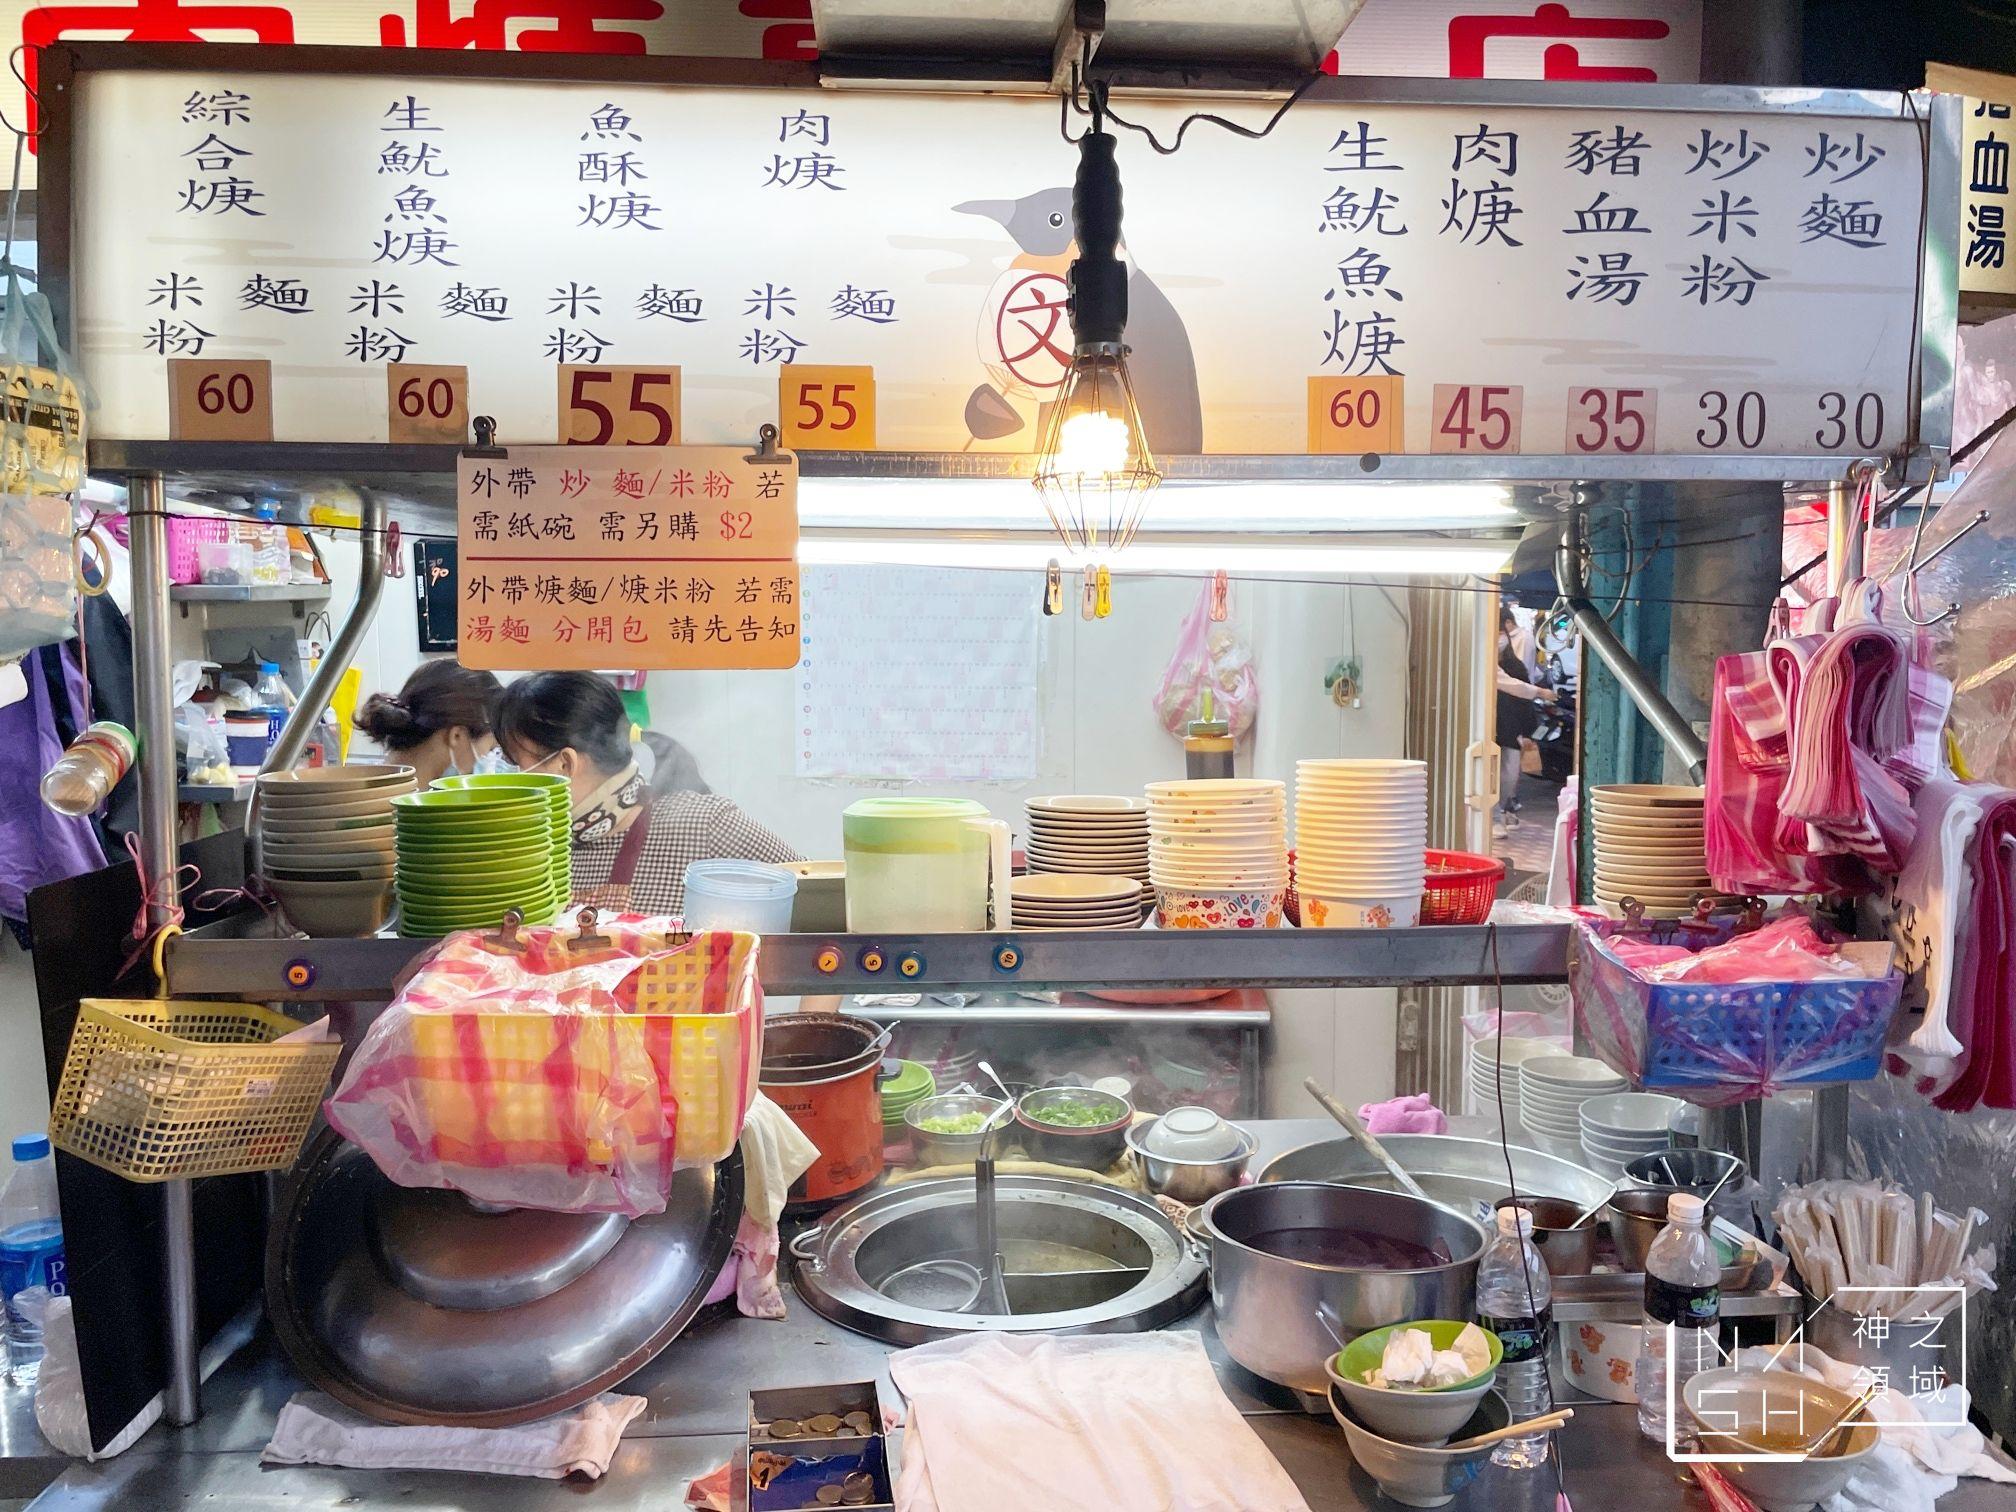 企鵝文肉羹店